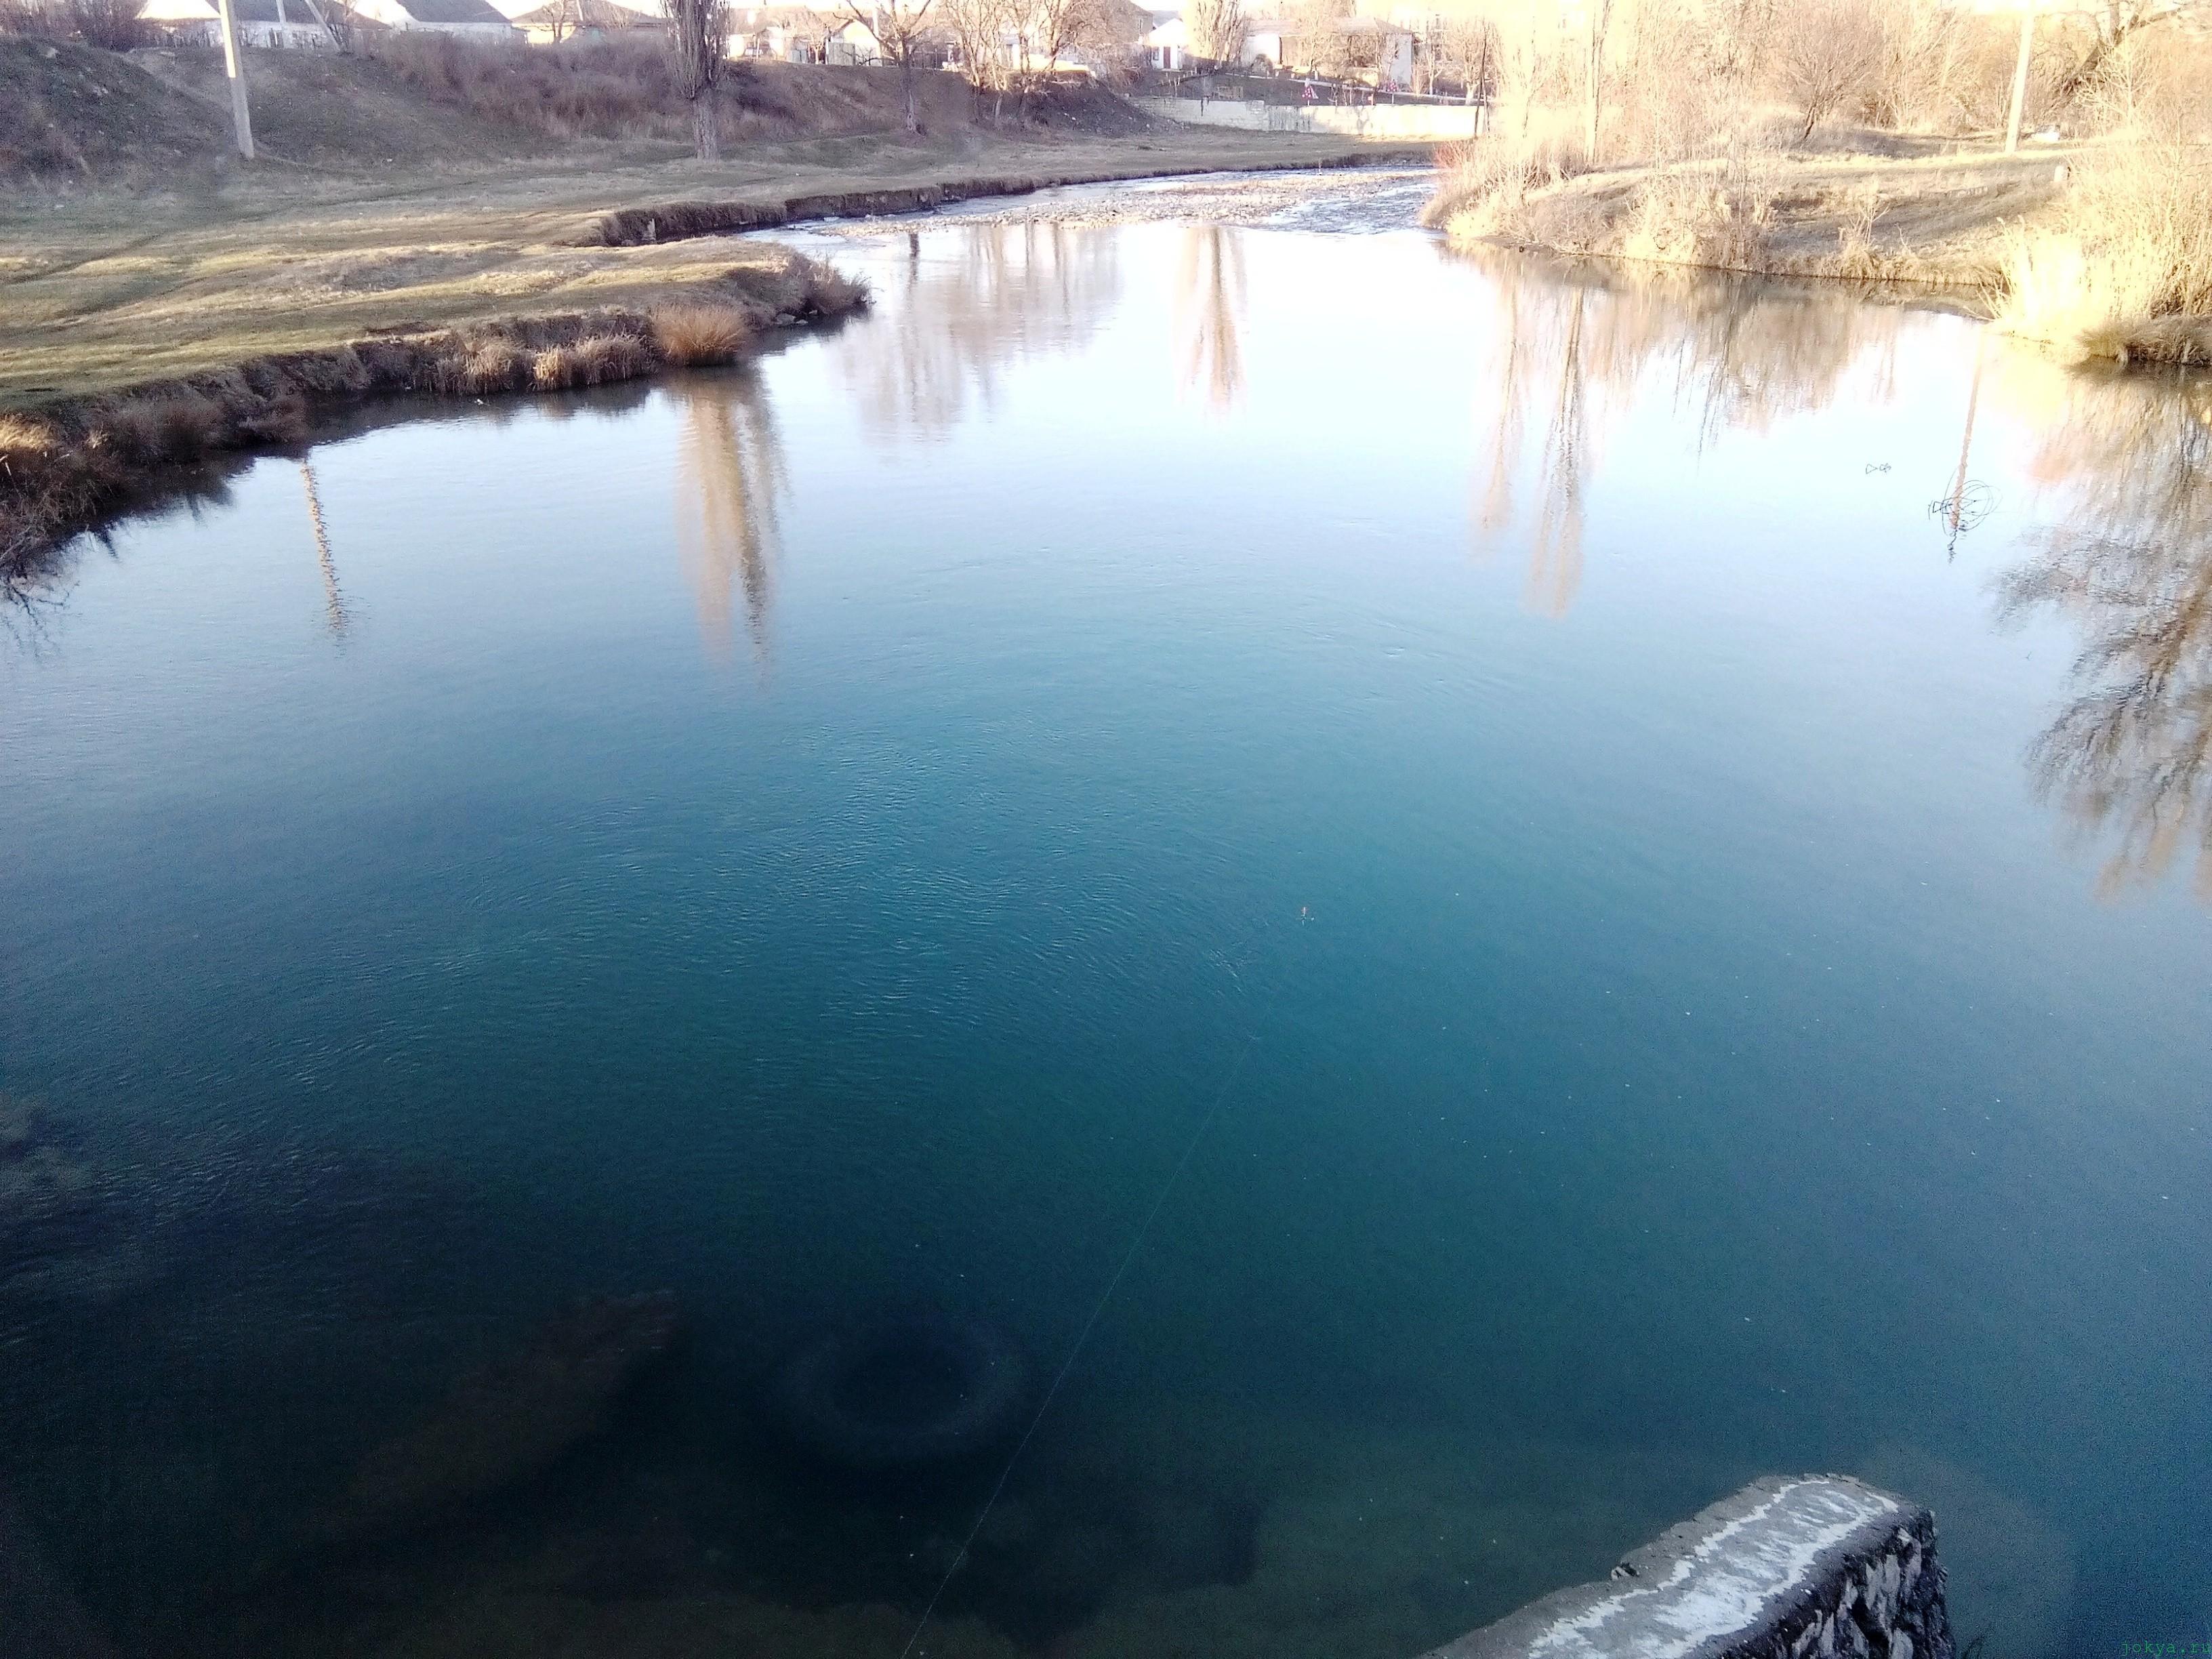 Ловля окуня на реке биюк-карасу фото заметка о Крыме jokya.ru